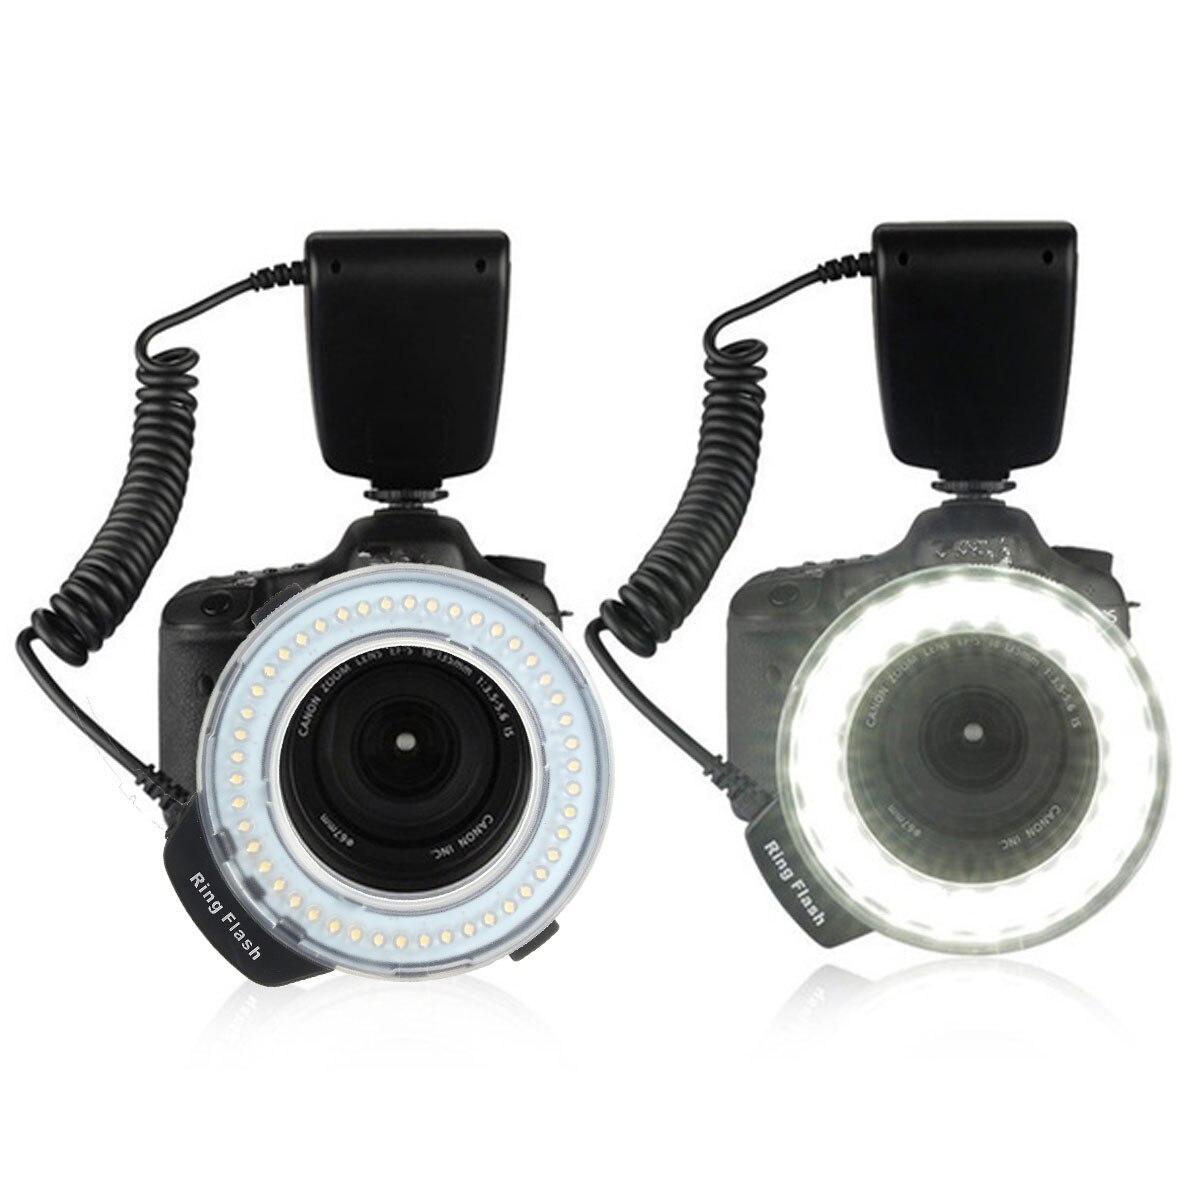 Макросъемный кольцевой светильник со вспышкой, скоростной светильник 48 Светодиодный светильник+ Адаптер для объектива 8+ рассеиватель для Nikon для Canon DSLR камеры, аксессуары для вспышки